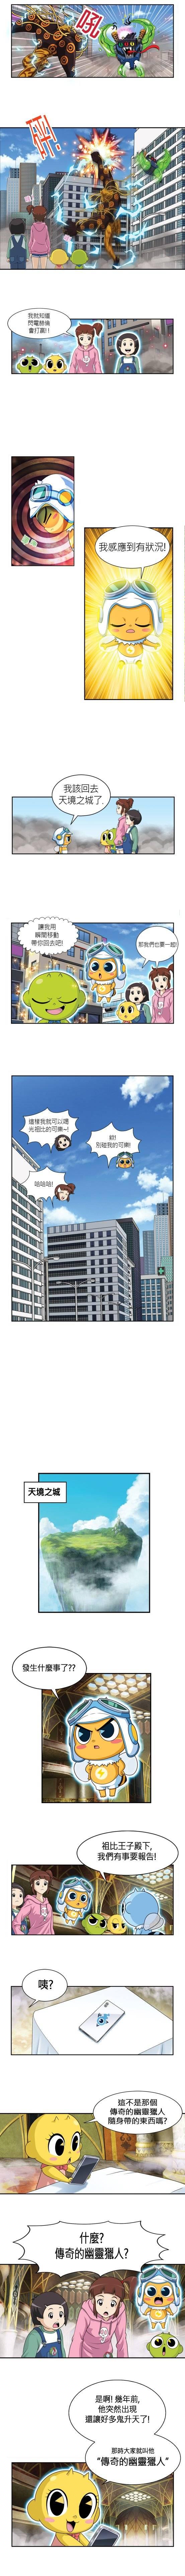 幽靈獵人-神秘公寓: 遊戲介紹 - 網絡卡通 image 8